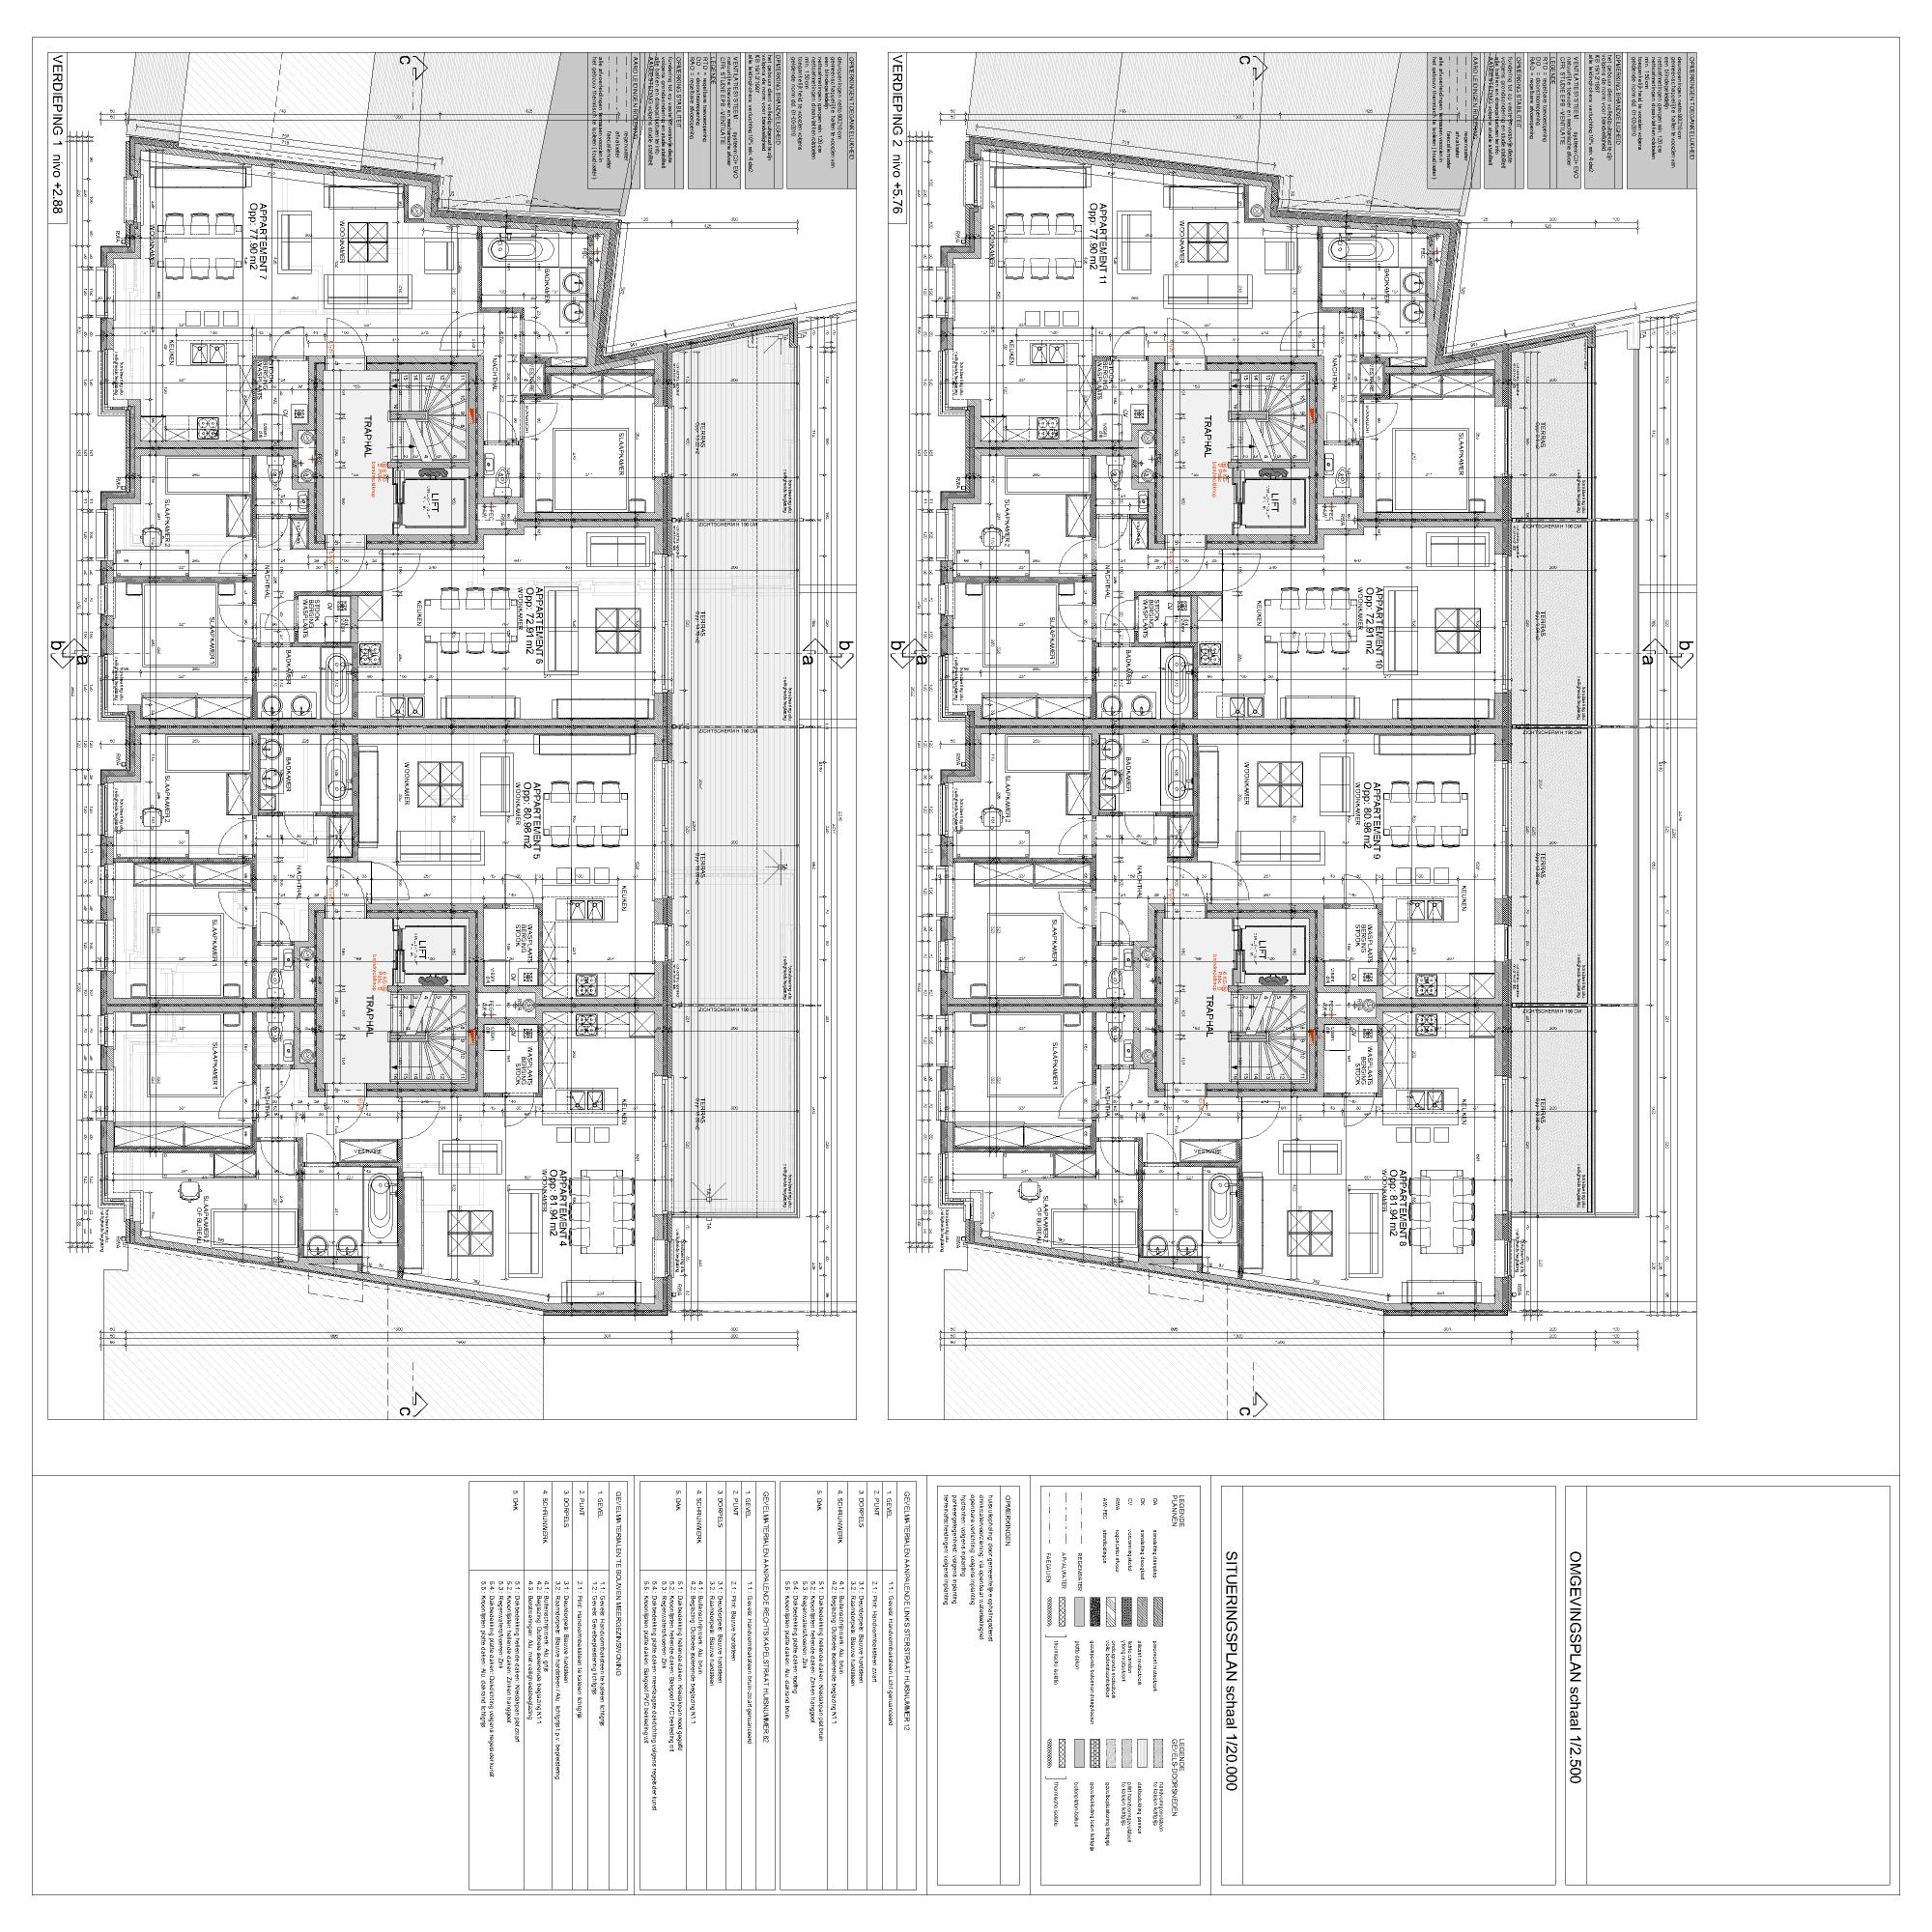 Free scot architect assistent tekenbureau voor het opmaken for Trap tekenen plattegrond